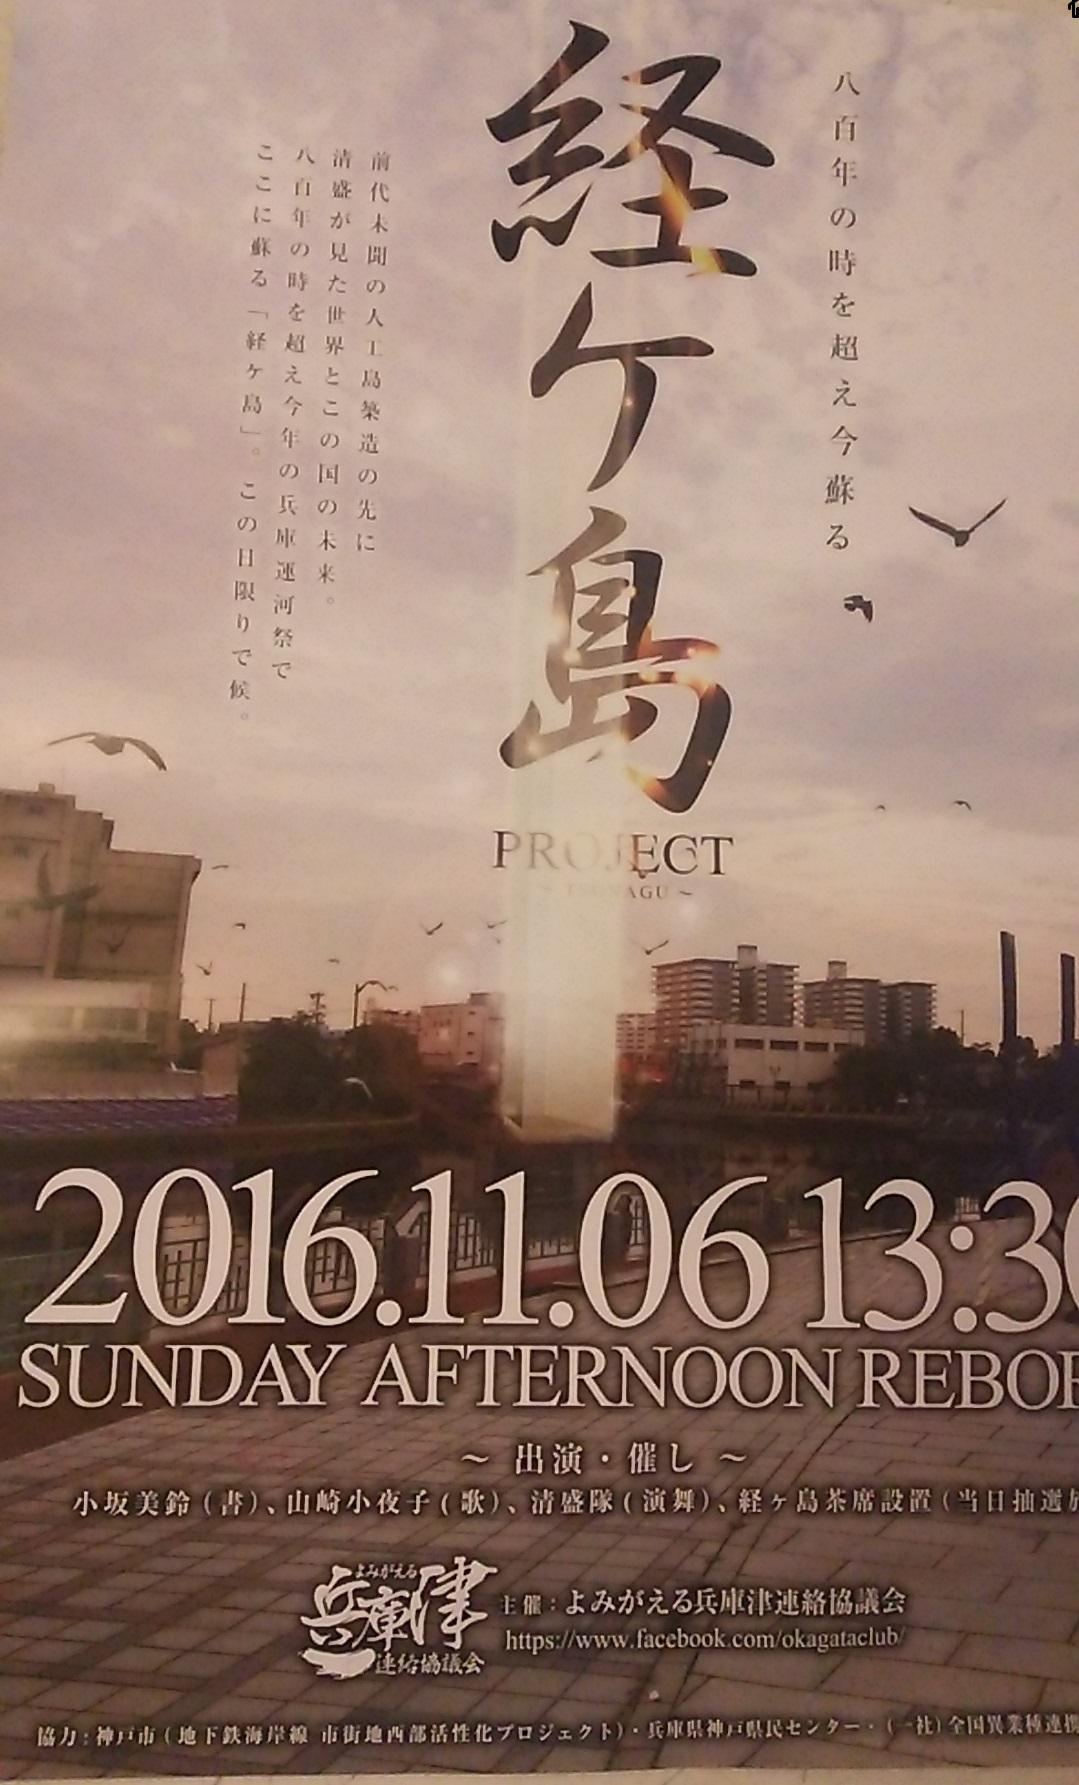 神戸港開港150年記念兵庫津「経ヶ島」YouTube_a0098174_1351769.jpg